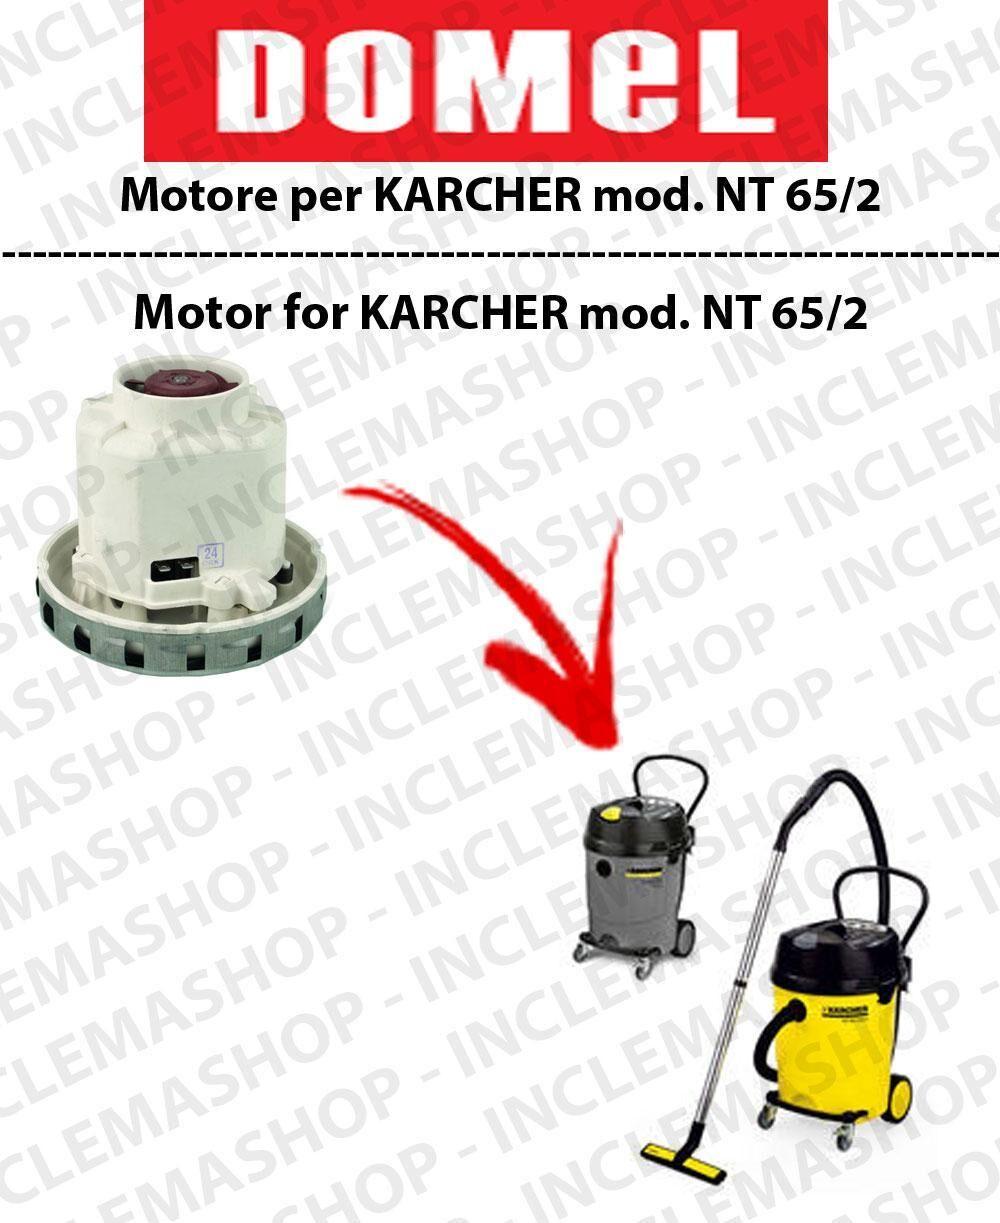 Karcher NT 65/2 MOTORE ASPIRAZIONE DOMEL per aspirapolvere